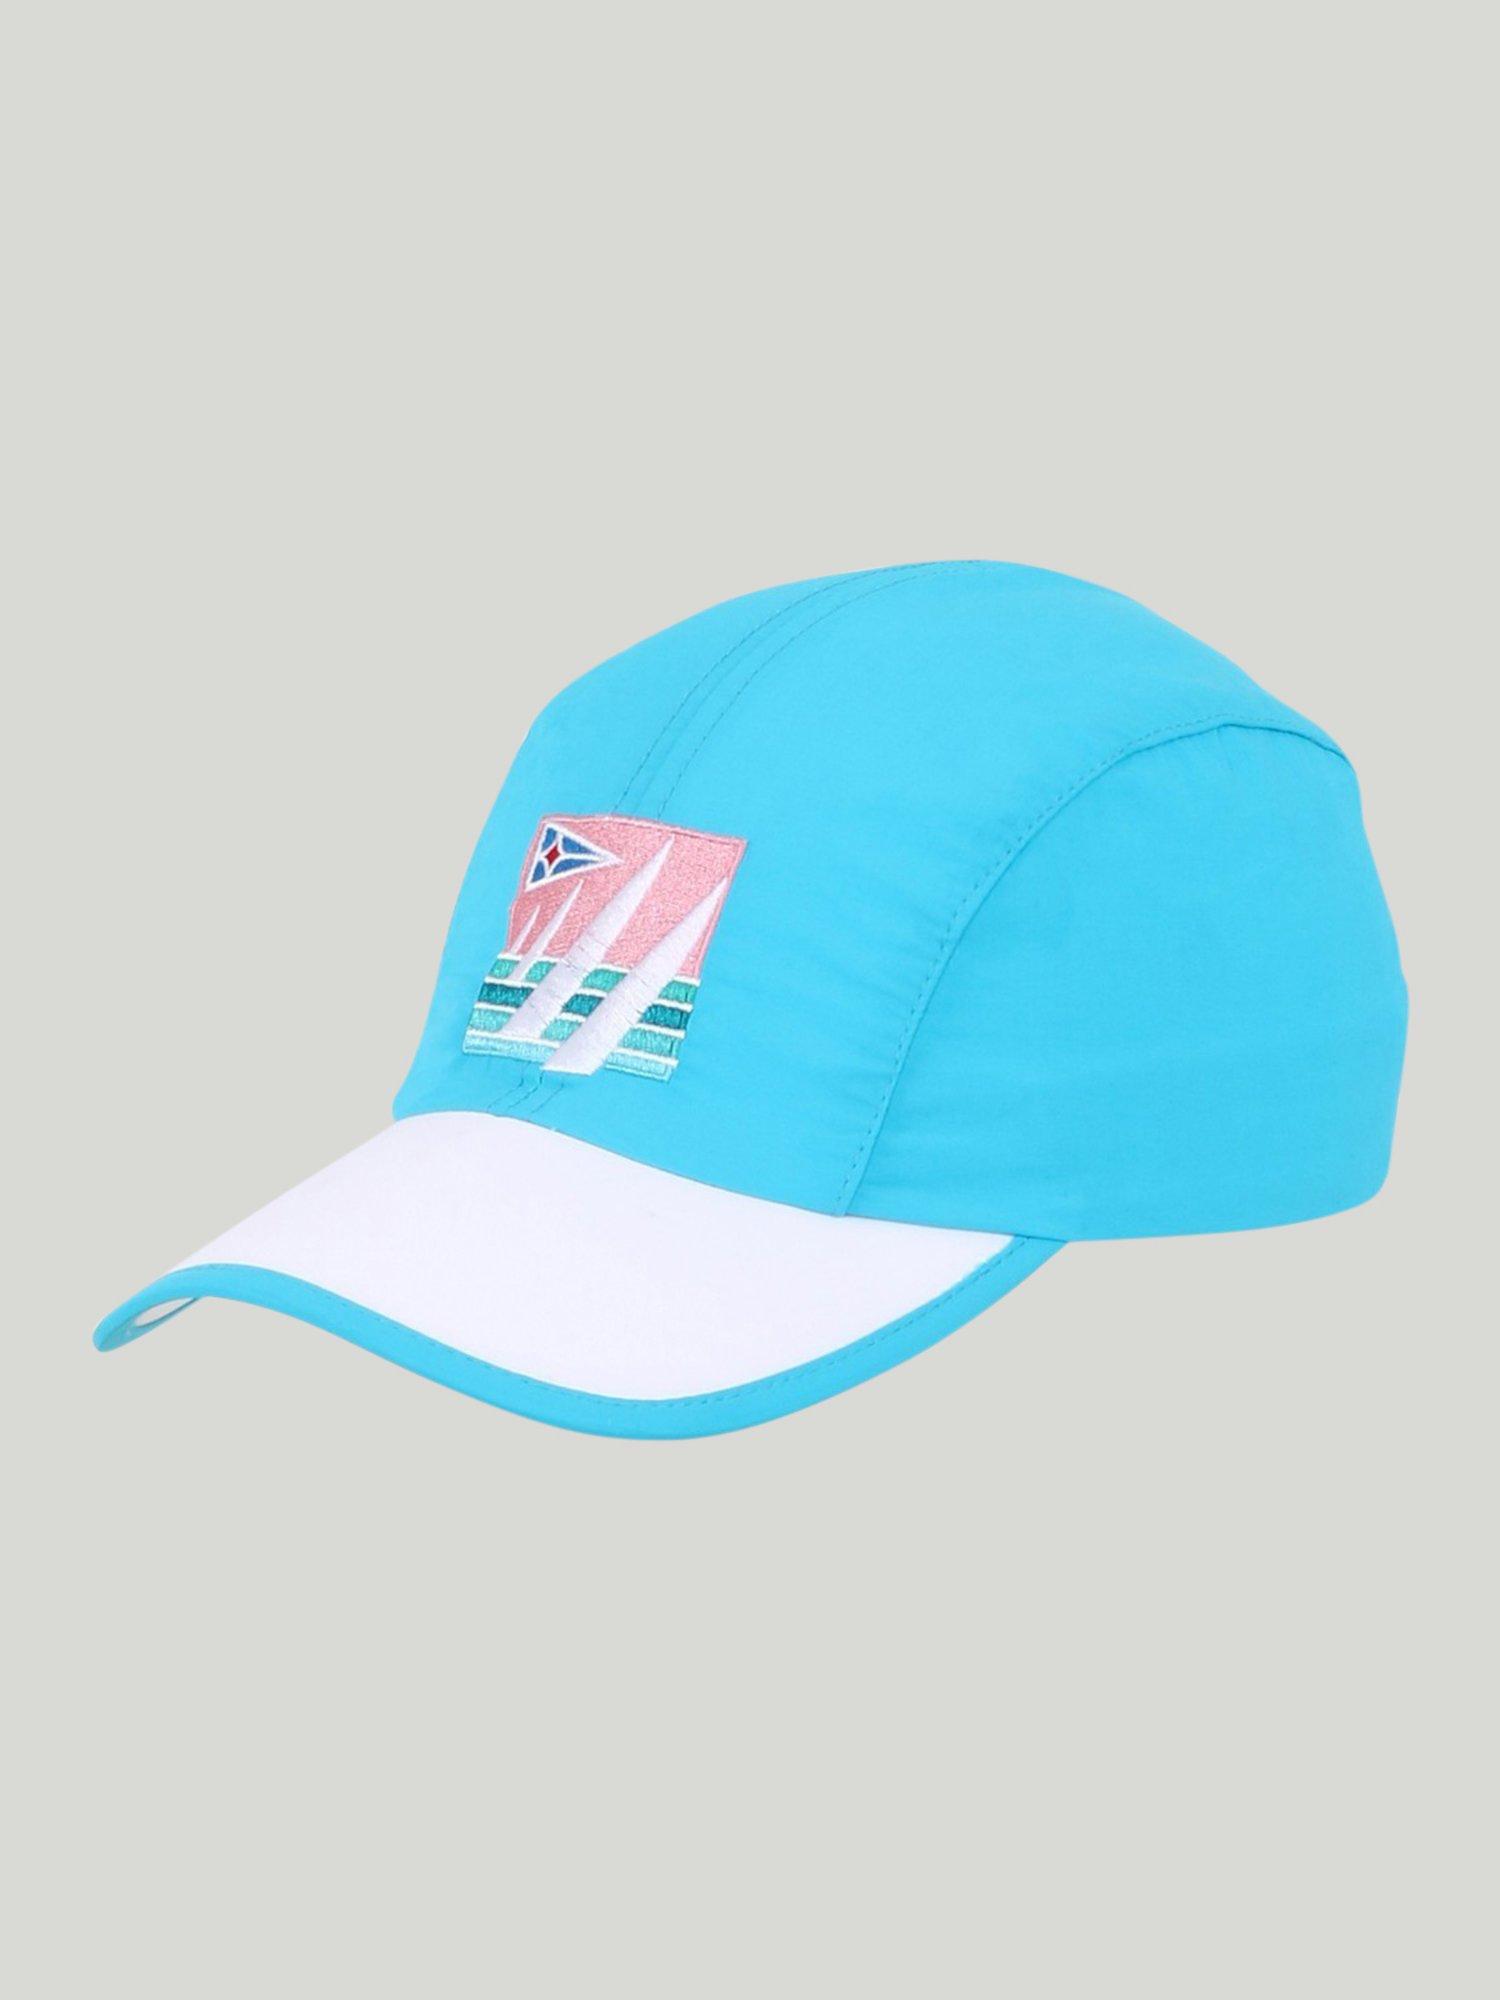 Cap Swan Cup - Karibikblau